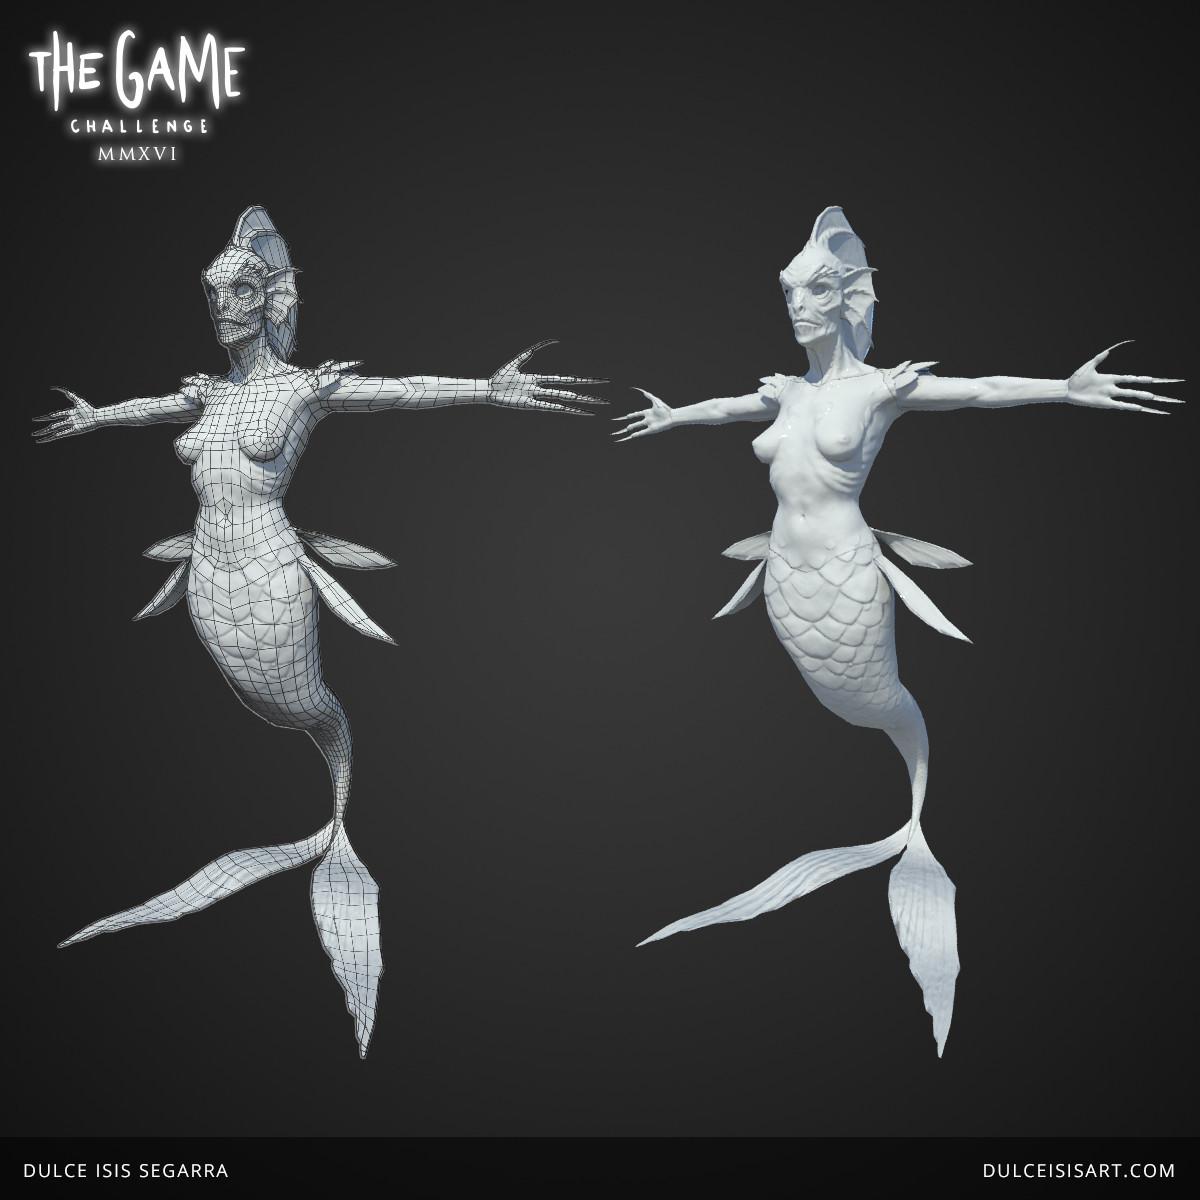 Dulce isis segarra lopez wip2 mermaid 02